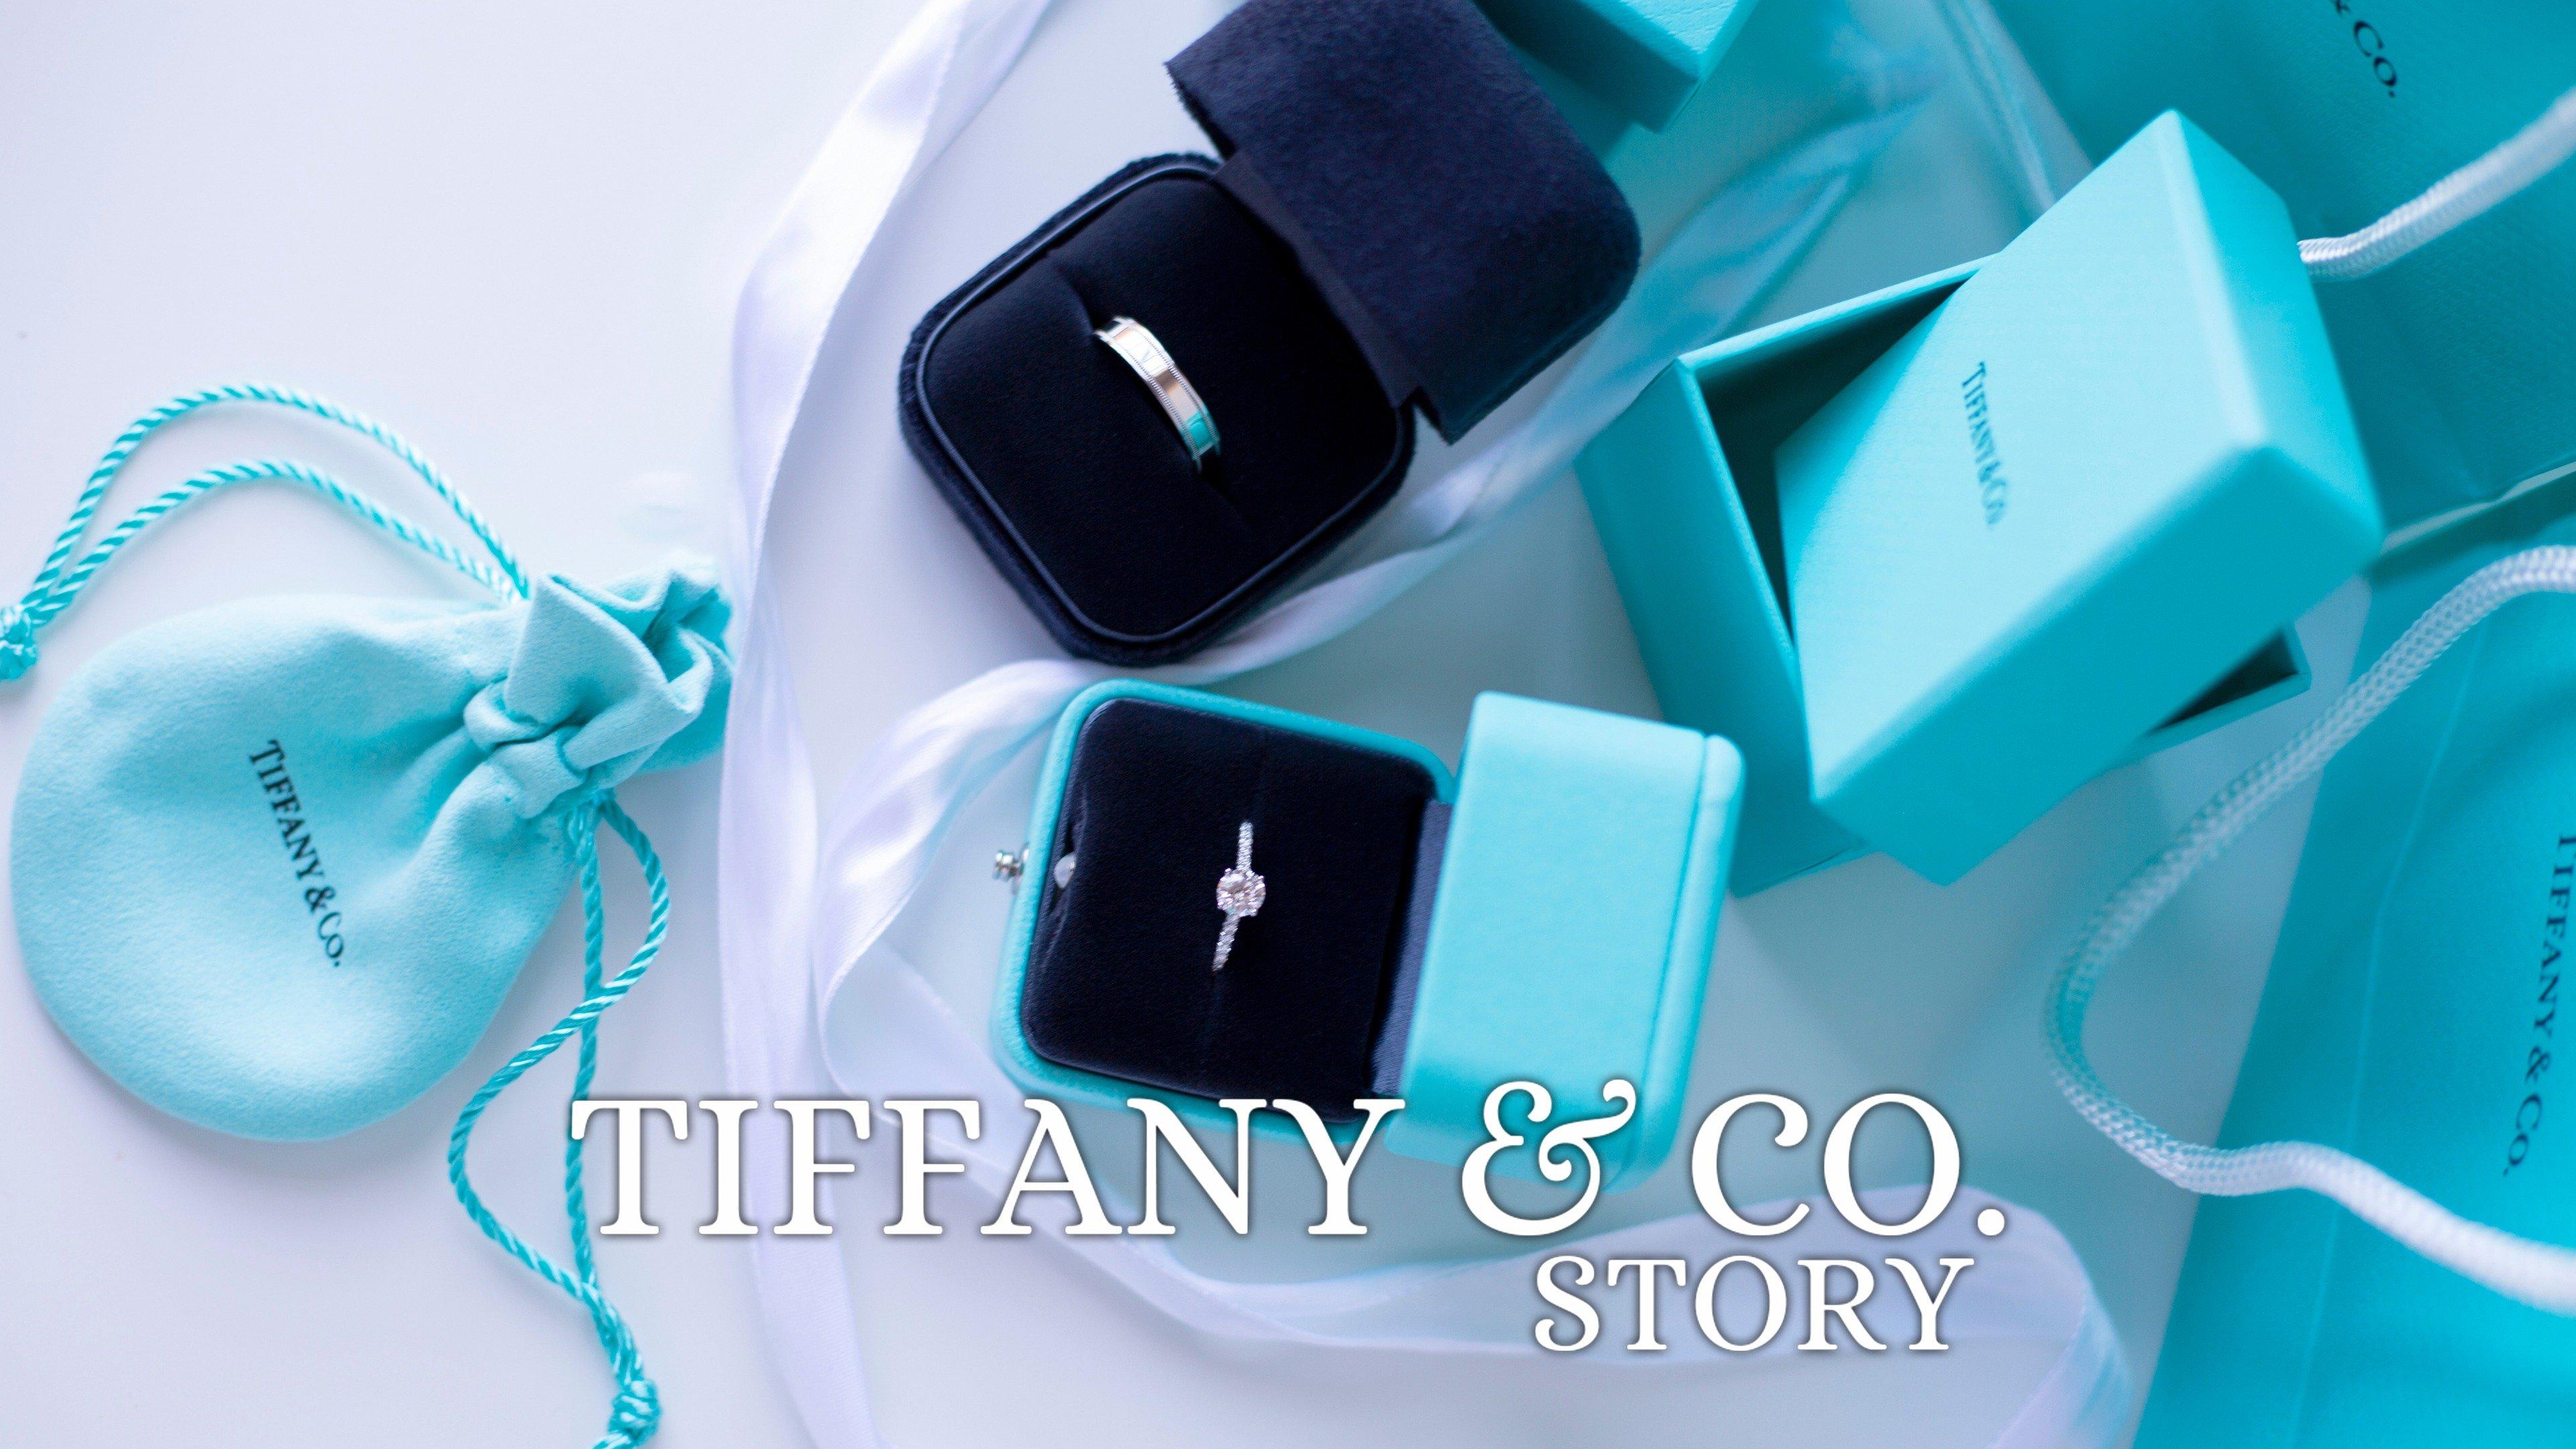 Tiffany & Co. Story